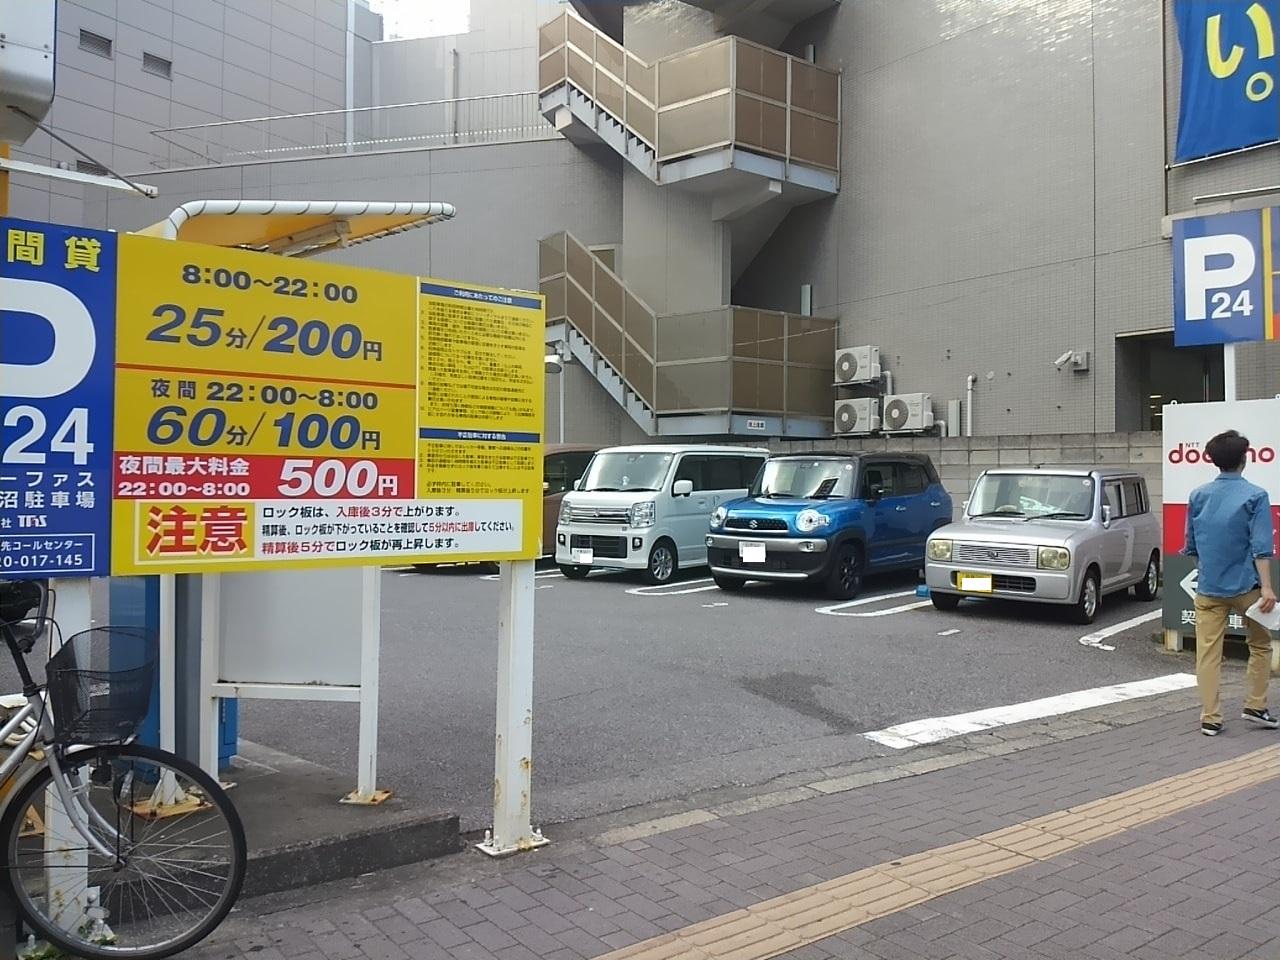 津田沼公園の近くの駐車場